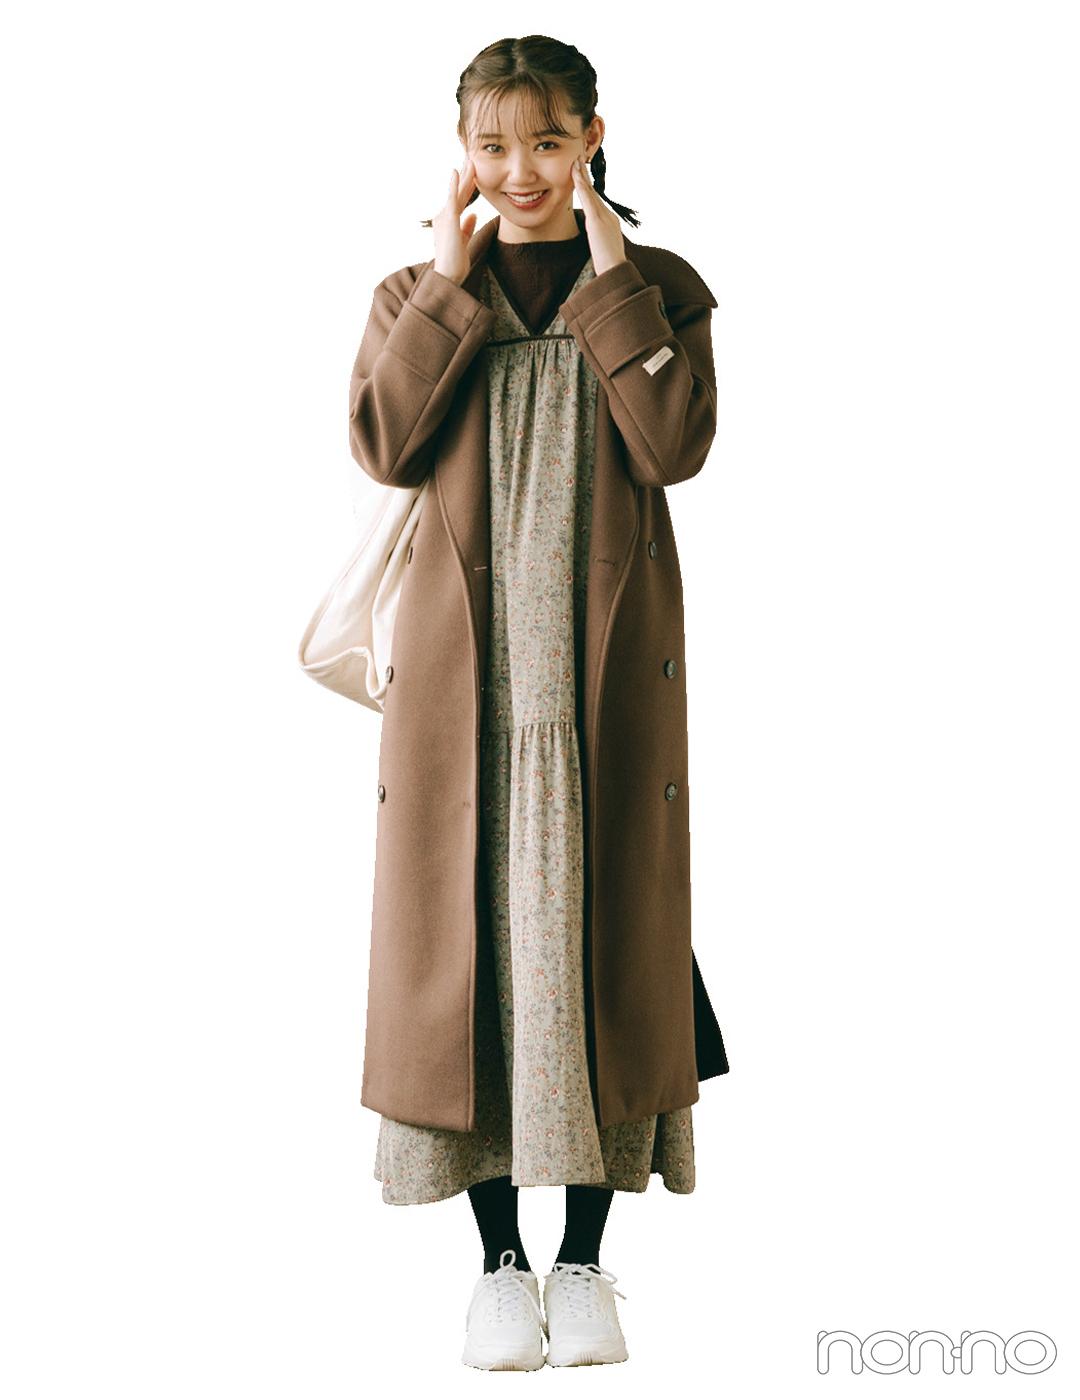 ロングコート&ロングワンピでIラインを意識すれば冬でも着膨れ知らず【毎日コーデ】